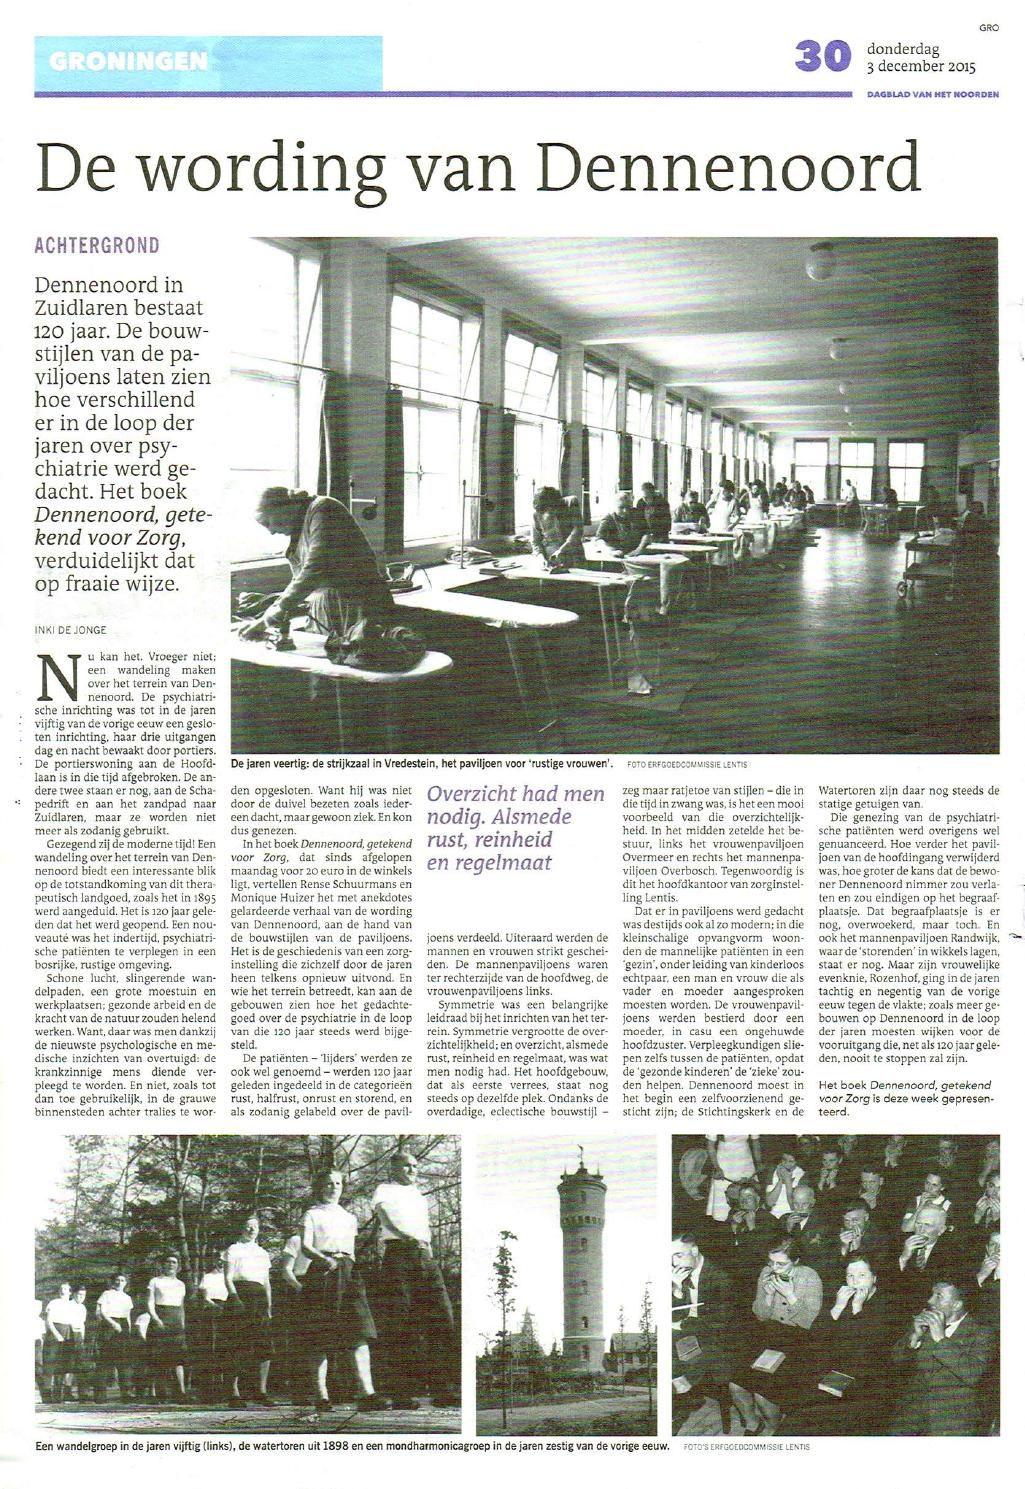 Artikel in het Dagblad van het Noorden van 3 december 2015 naar aanleiding de uitgave van het boek Dennenoord getekend voor de zorg. Dit boek verscheen in het kader van het 120-jarig bestaan van Dennenoord.